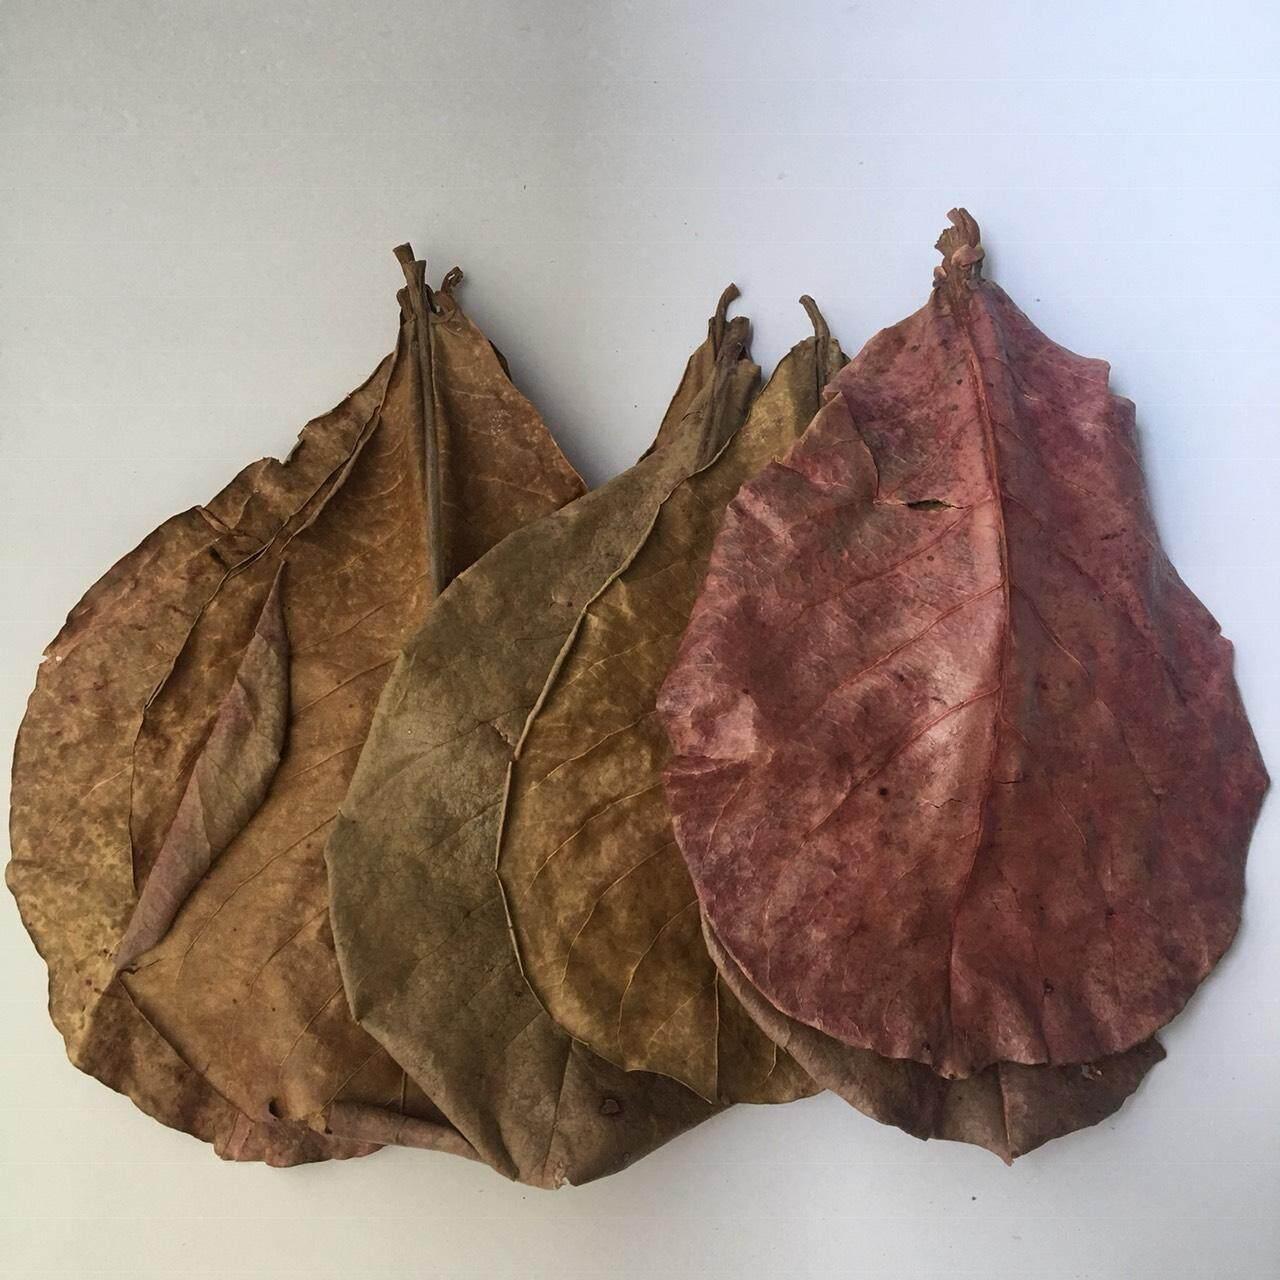 ใบหูกวางตากแห้ง ใบหูกวาง หูกวาง 100กรัม Indian Almond Leaves อาหารปลา ปลากัด กุ้งฝอย การเลี้ยง ปลาสวยงาม หมัก โหล ตู้ปลา ปลา กัด เก่ง สวย ใบ ราคา ถูก กุ้งเครฟิช กุ้งเครย์ฟิช ปรับสภาพน้ำ โรค ป้องกัน สะอาด โตเร็ว วิธี ง่าย ปลอดภัย ประโยชน์ แก้ปัญหา